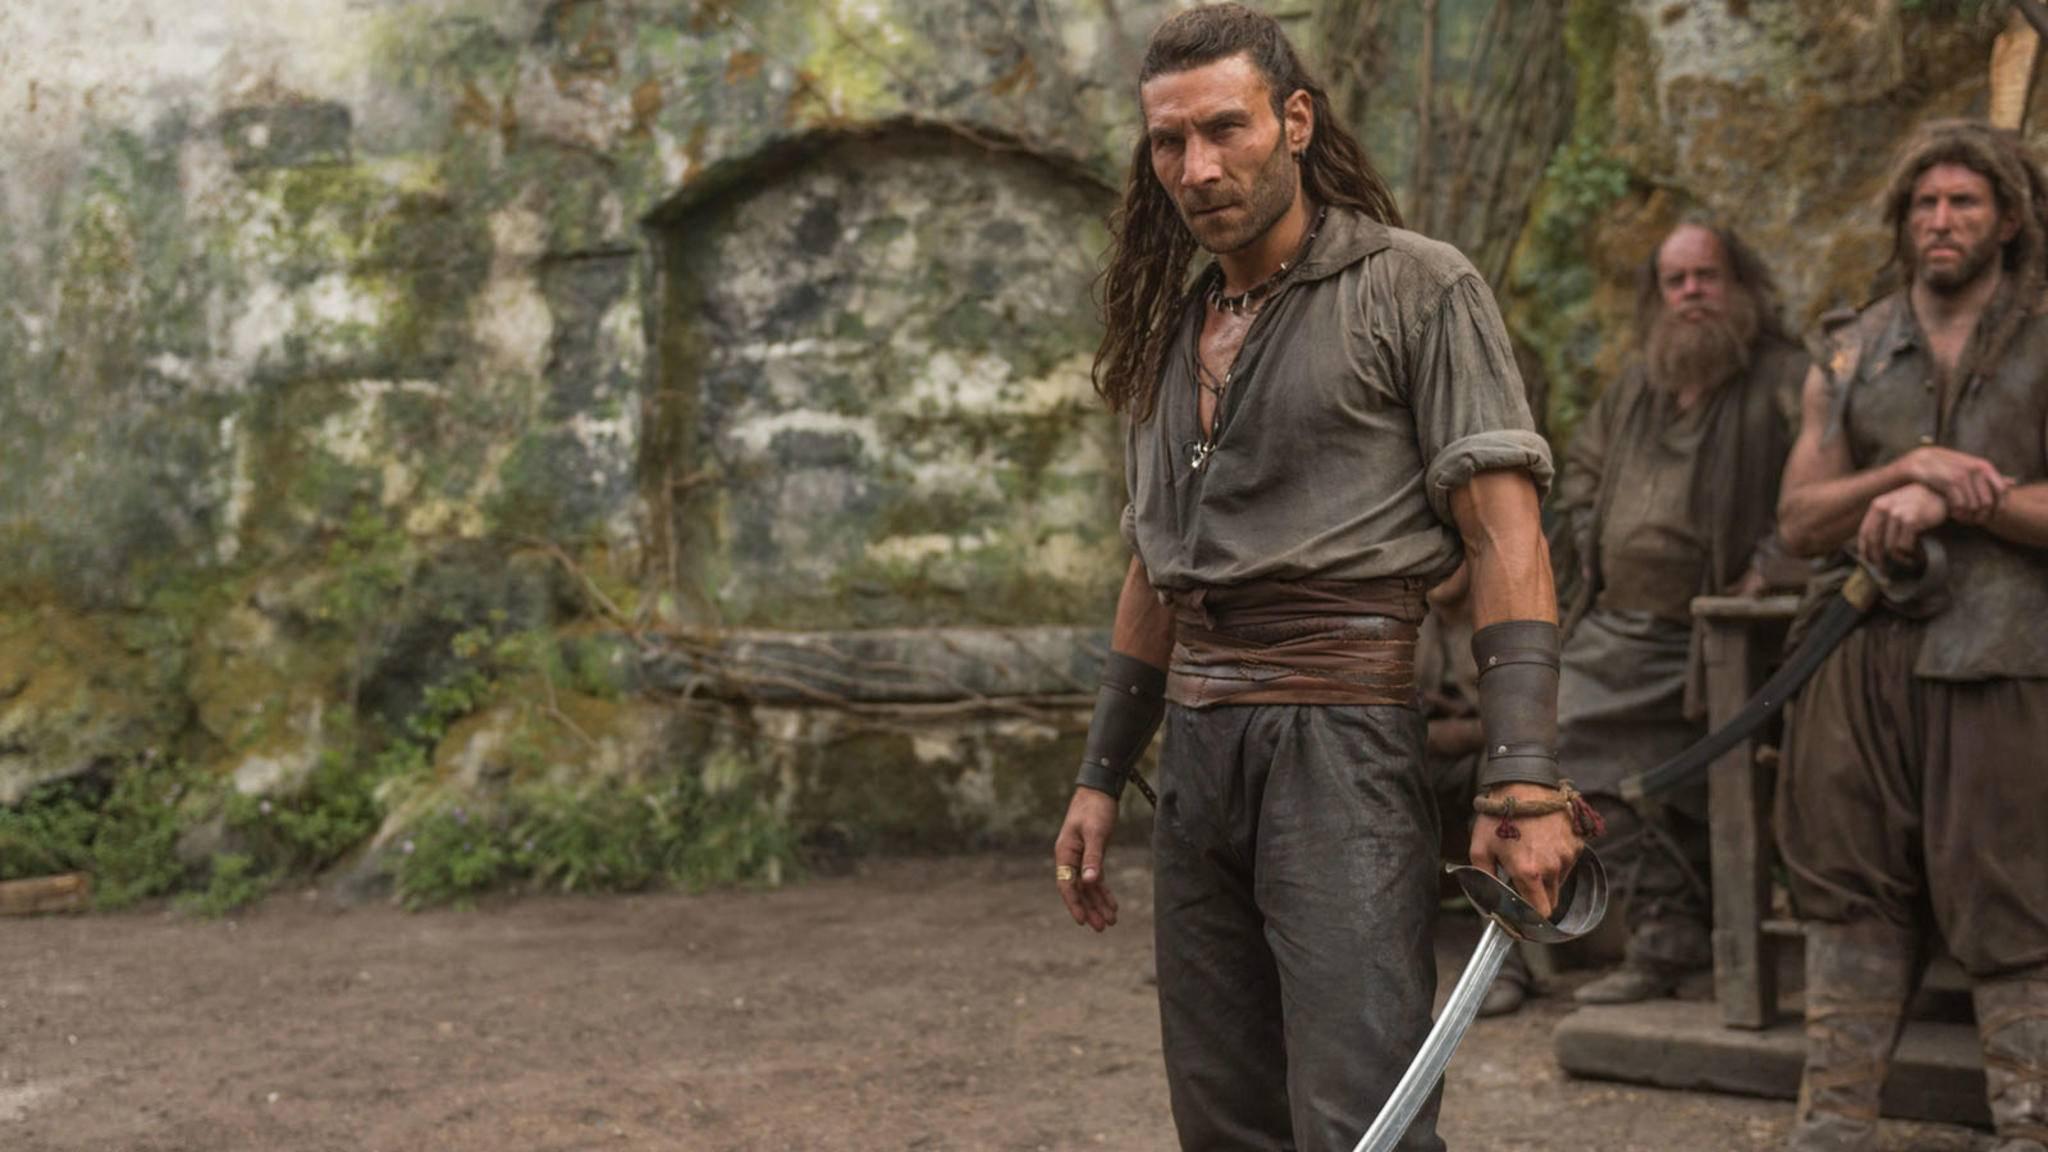 Tauscht Zach McGowan das Piratenhemd gegen ein eher zombietaugliches Outfit?